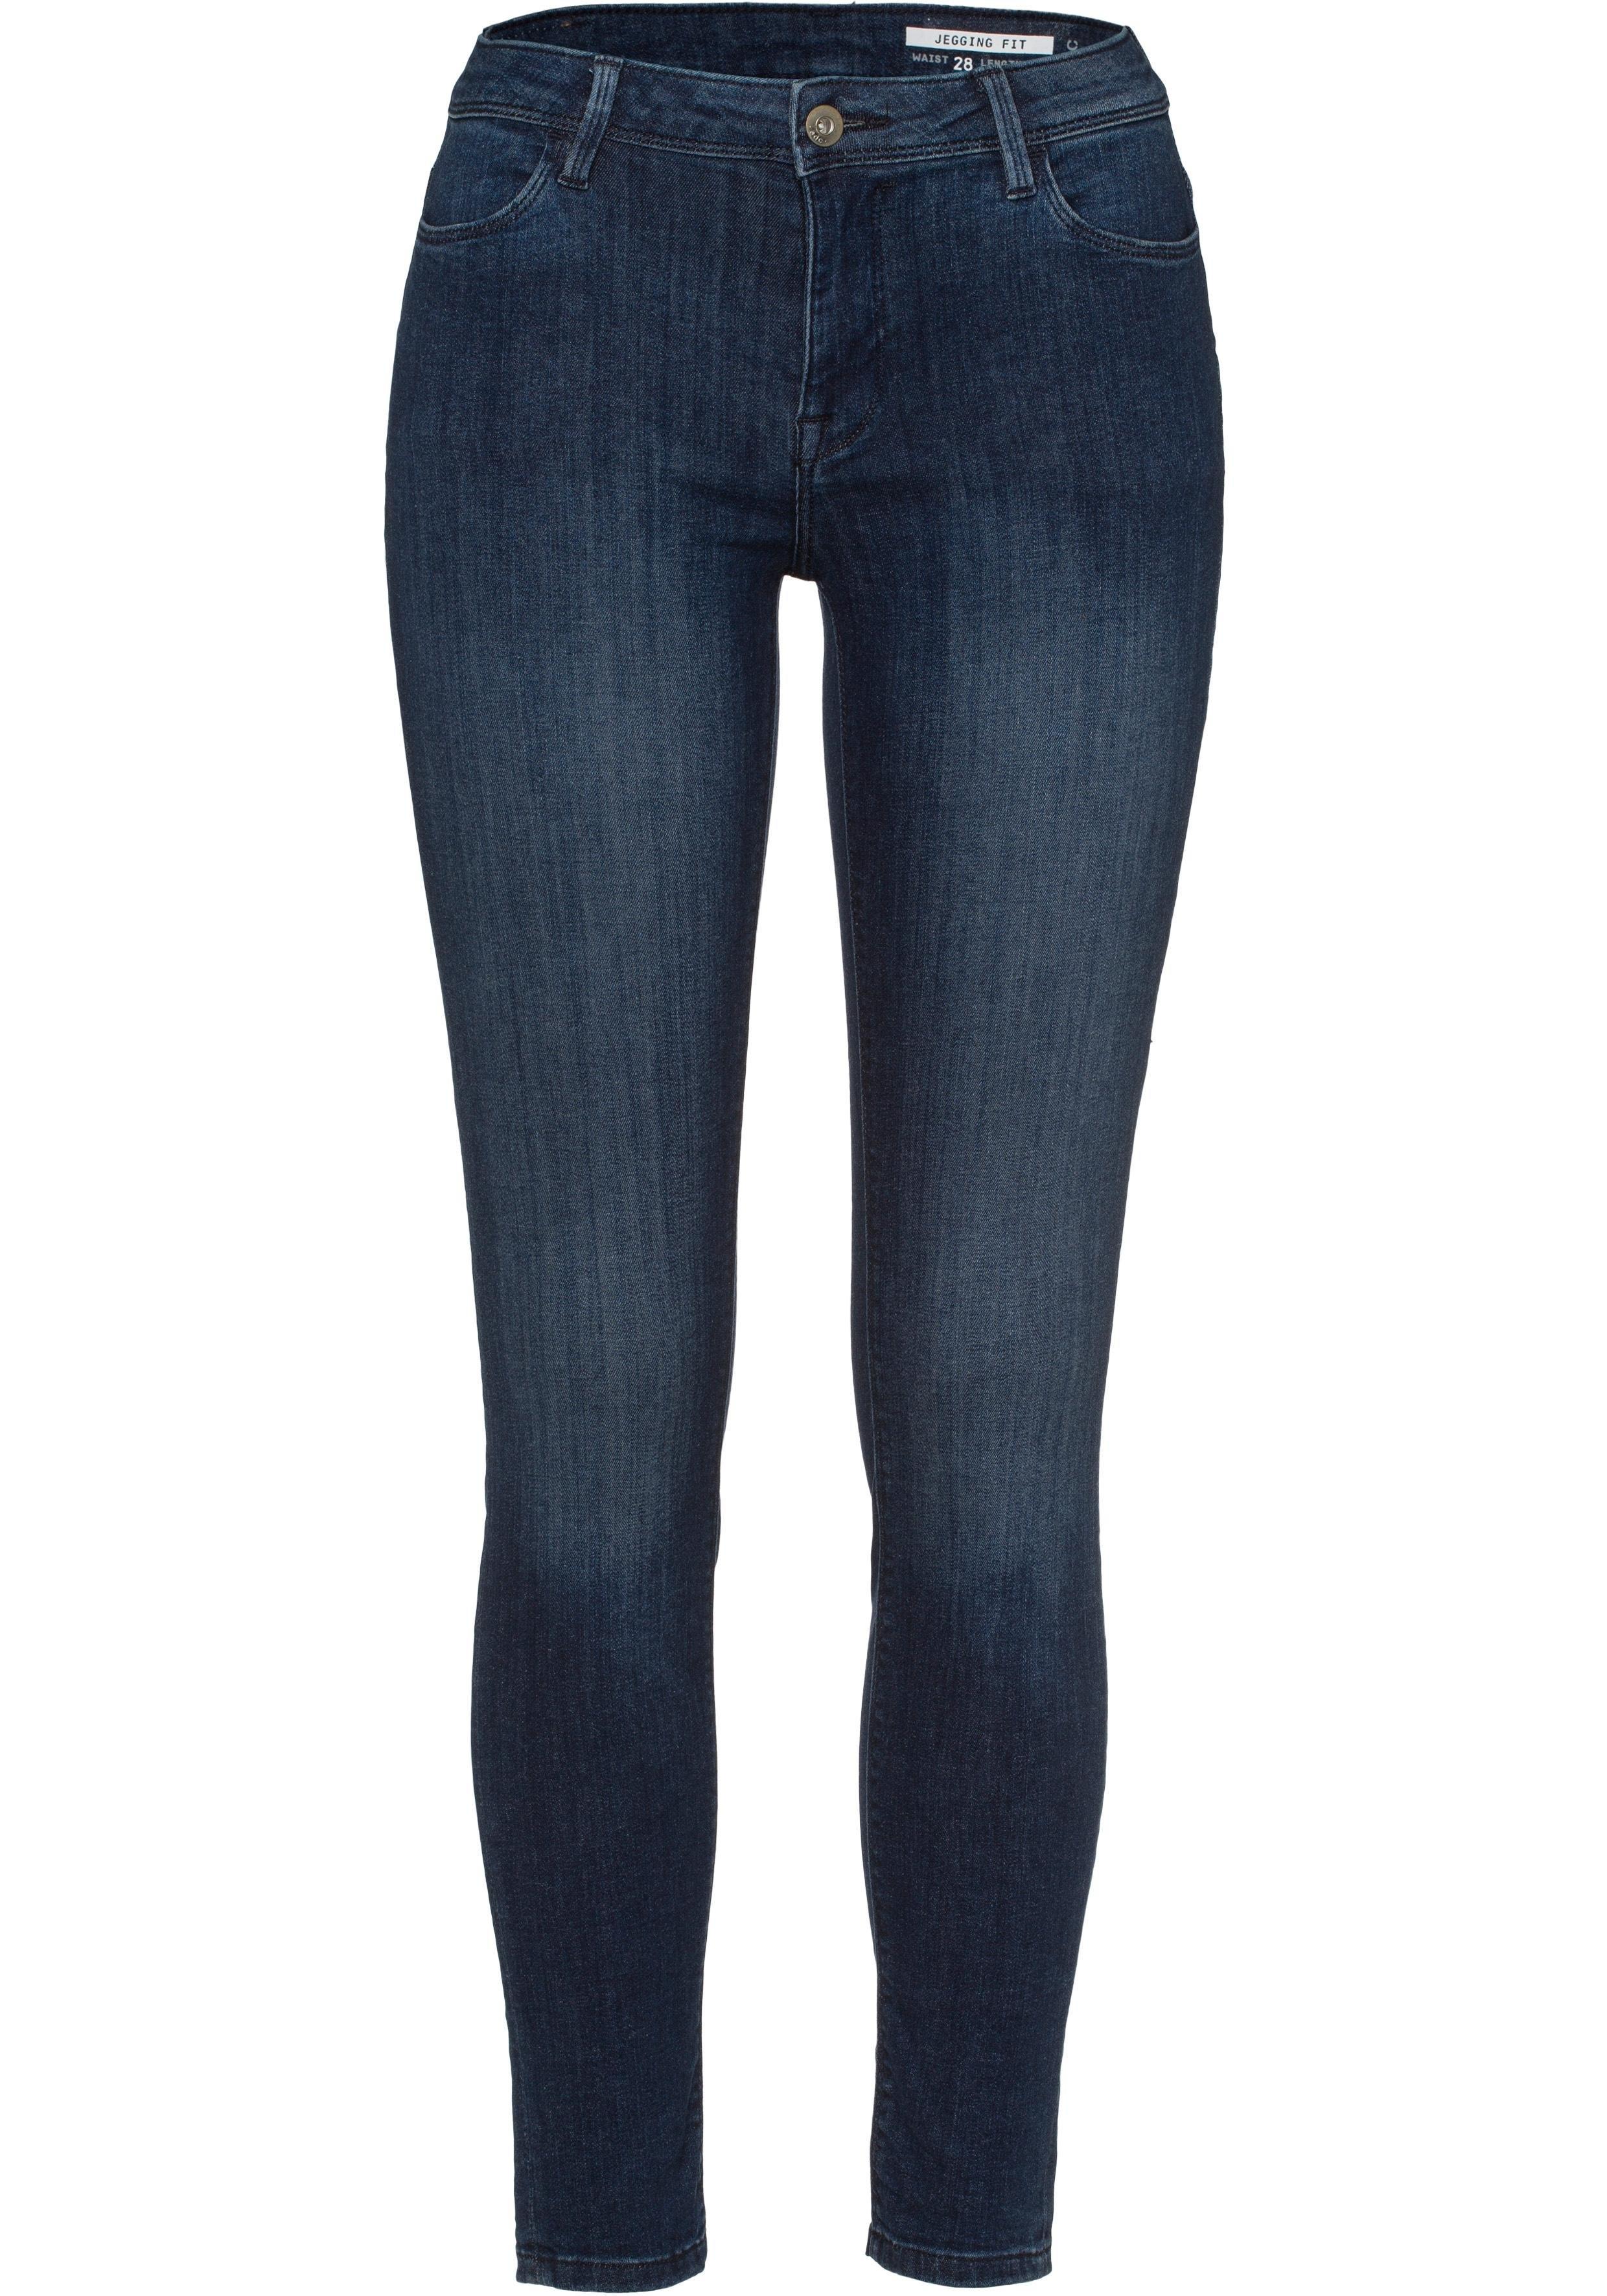 edc by esprit slim fit jeans voordelig en veilig online kopen